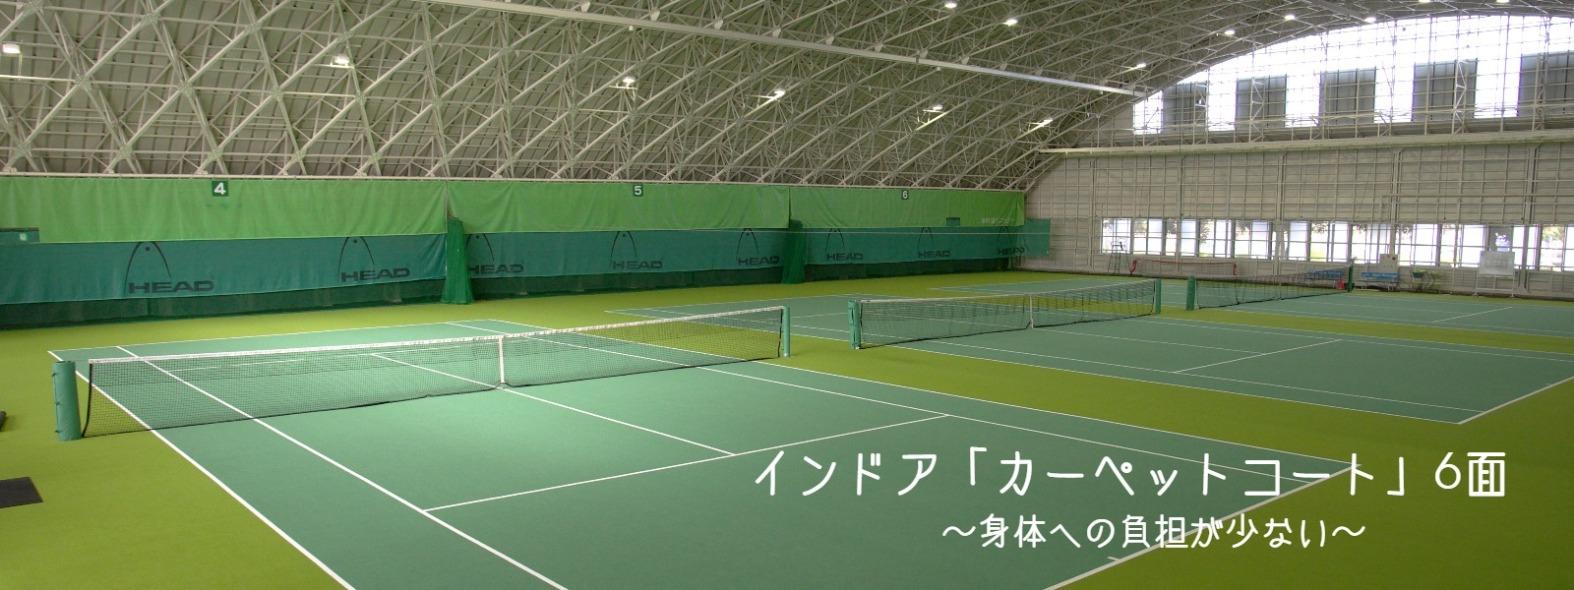 インドアコート カーペットコート 昭和の森テニスセンター(東京都昭島市)